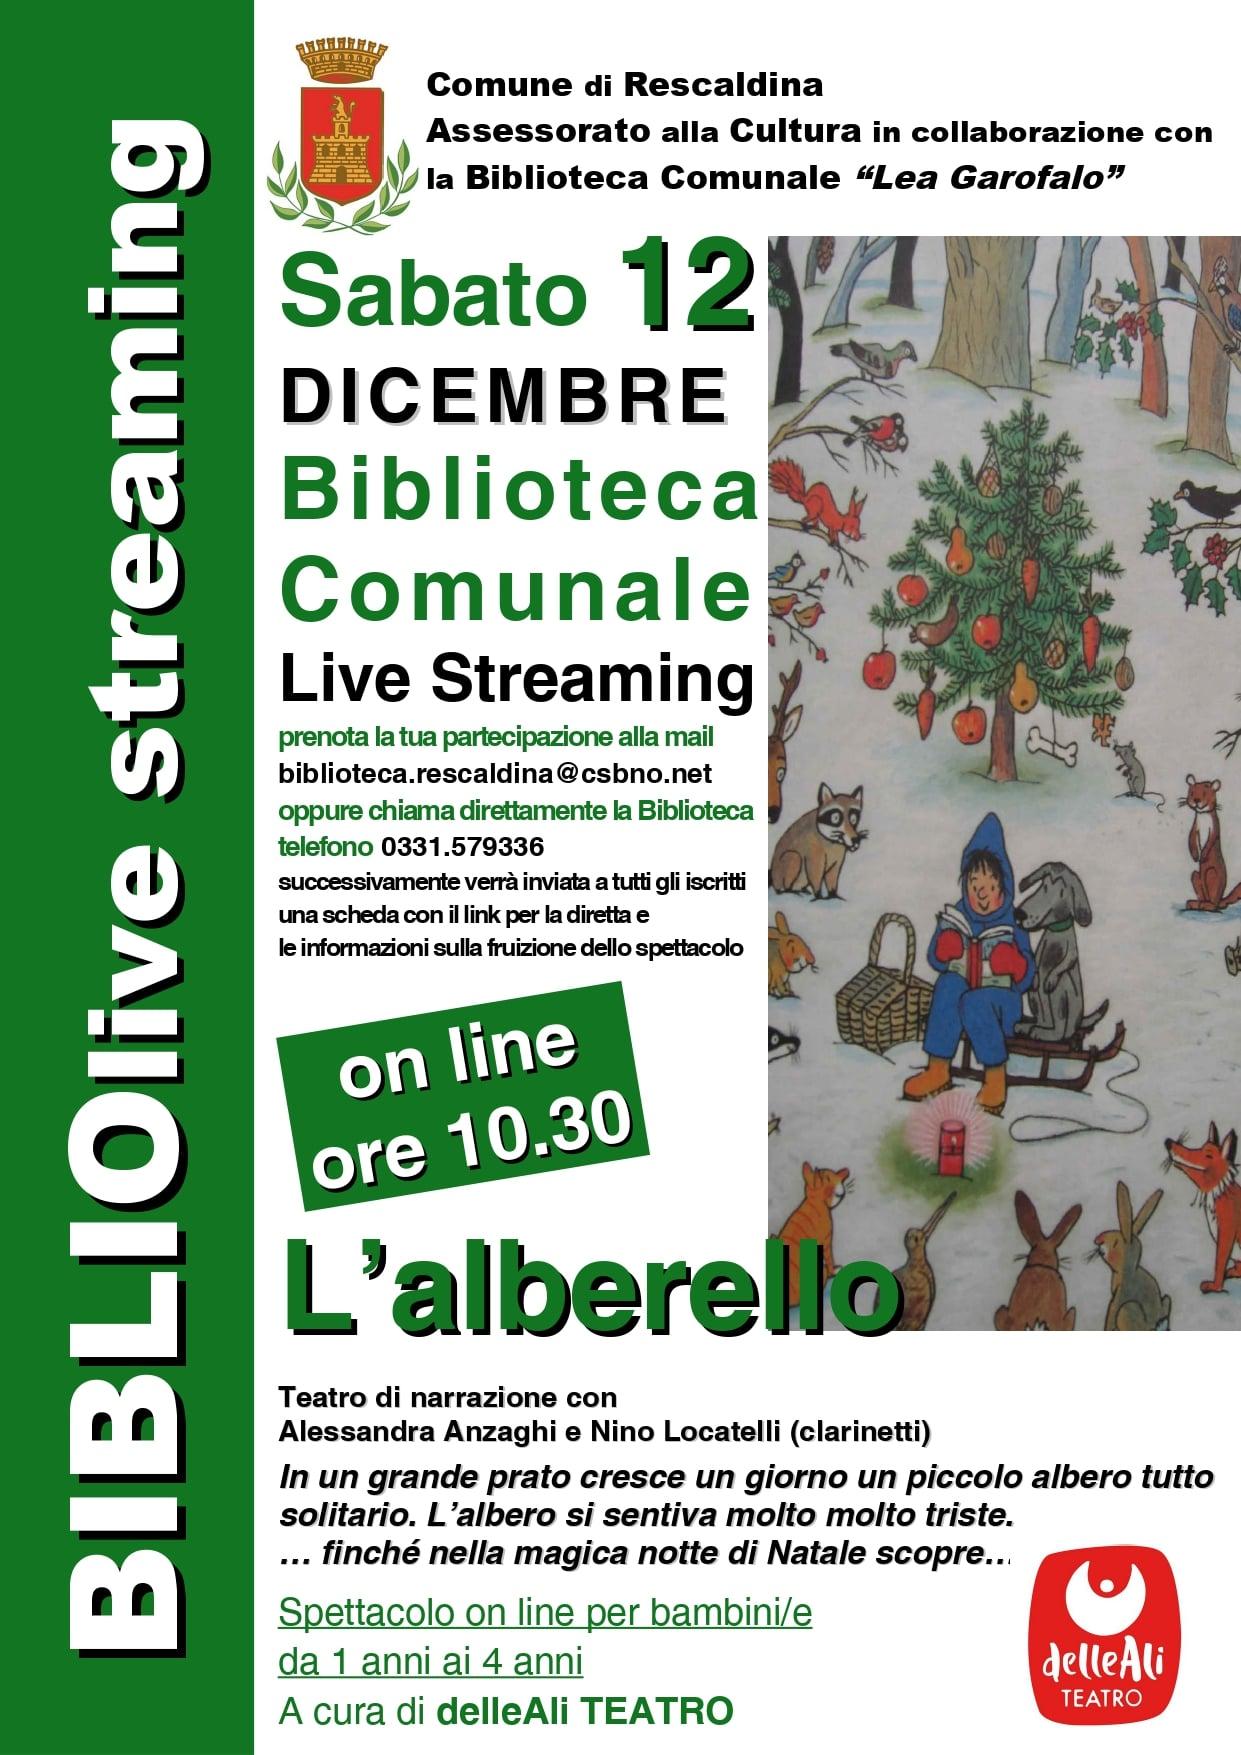 12 dicembre 2020 Letture animate con delleAli Teatro! Biblioteca di Rescaldina!!!